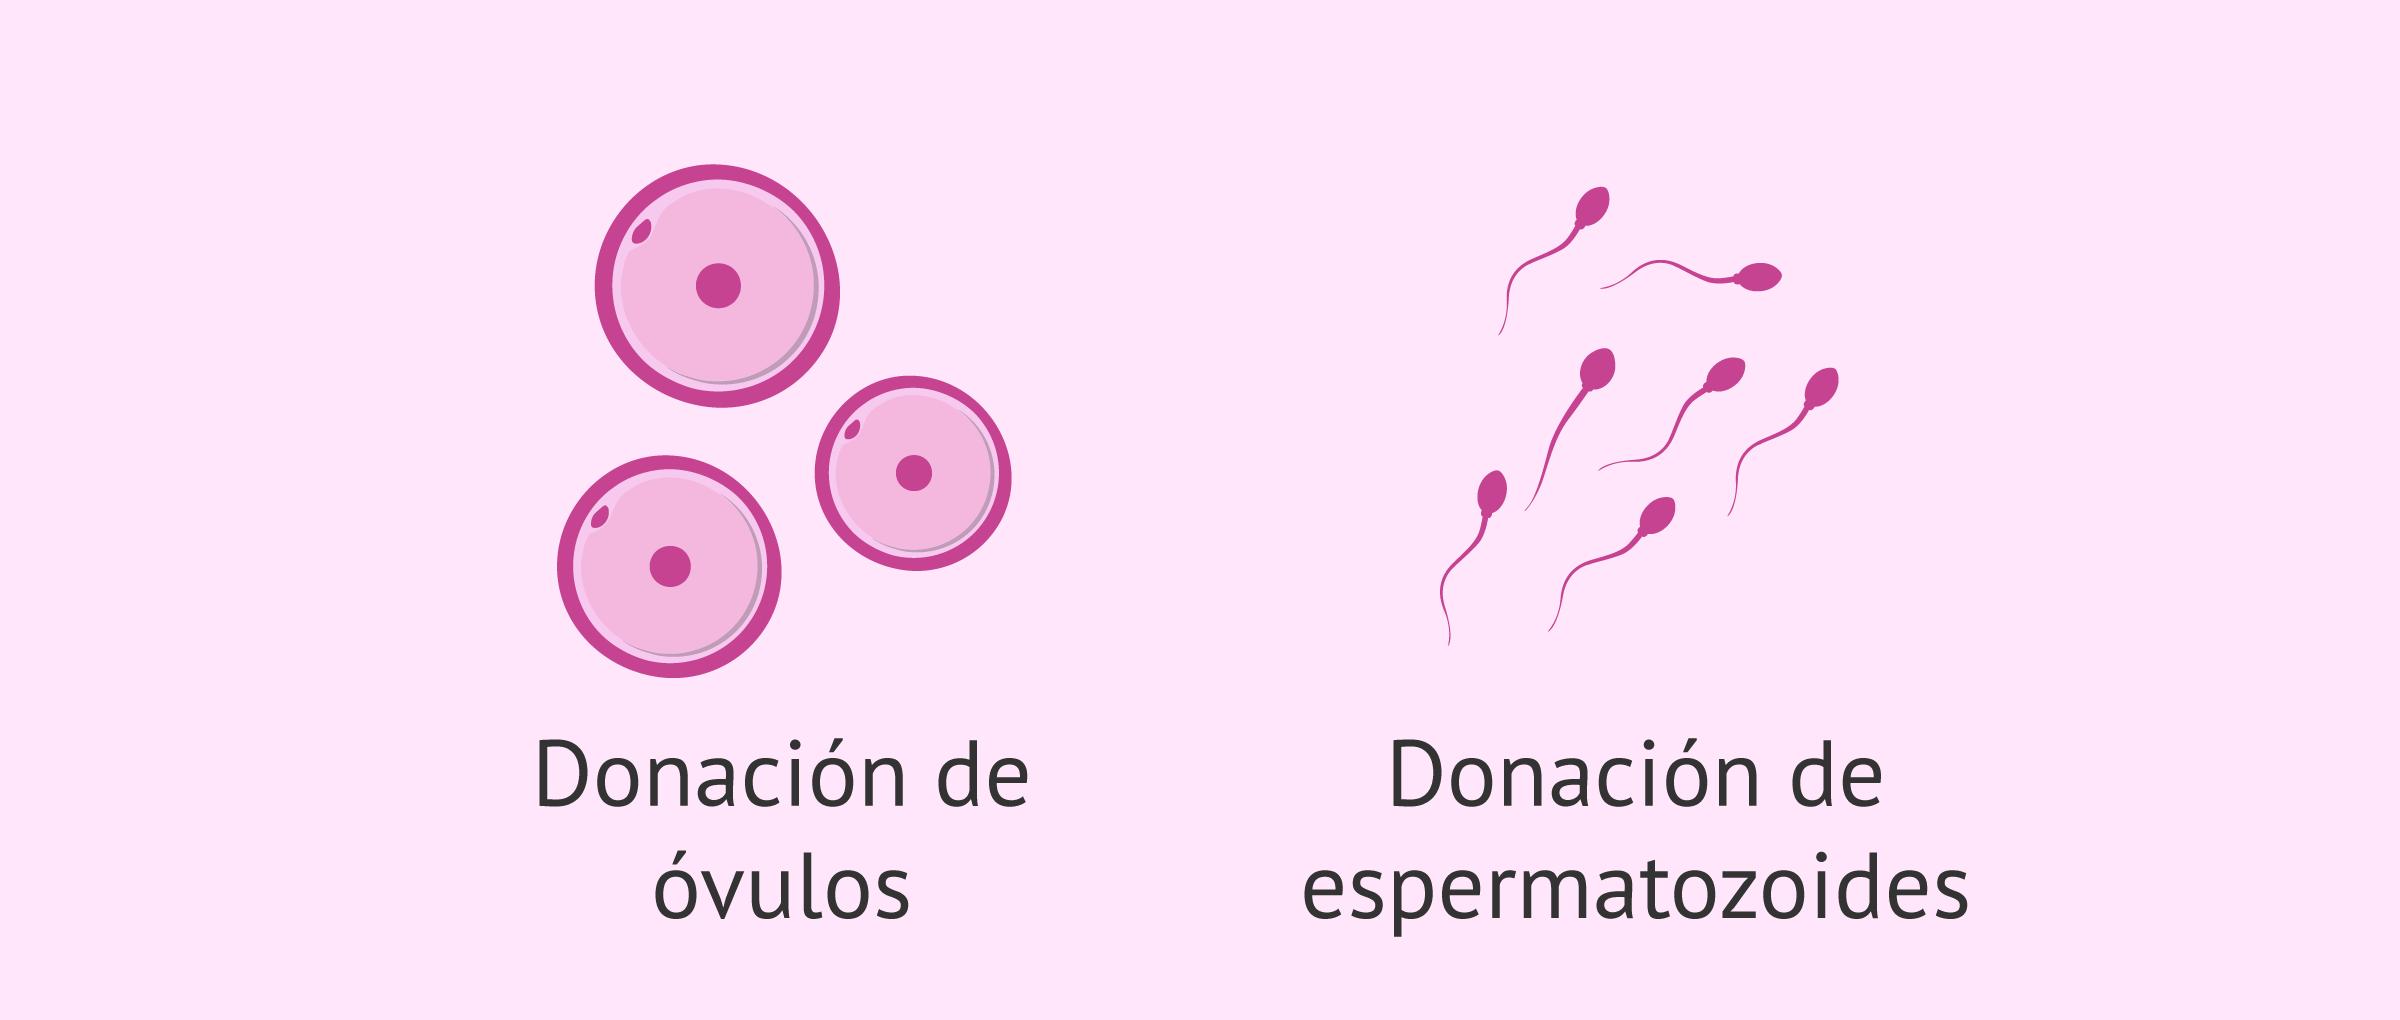 Donación de gametos